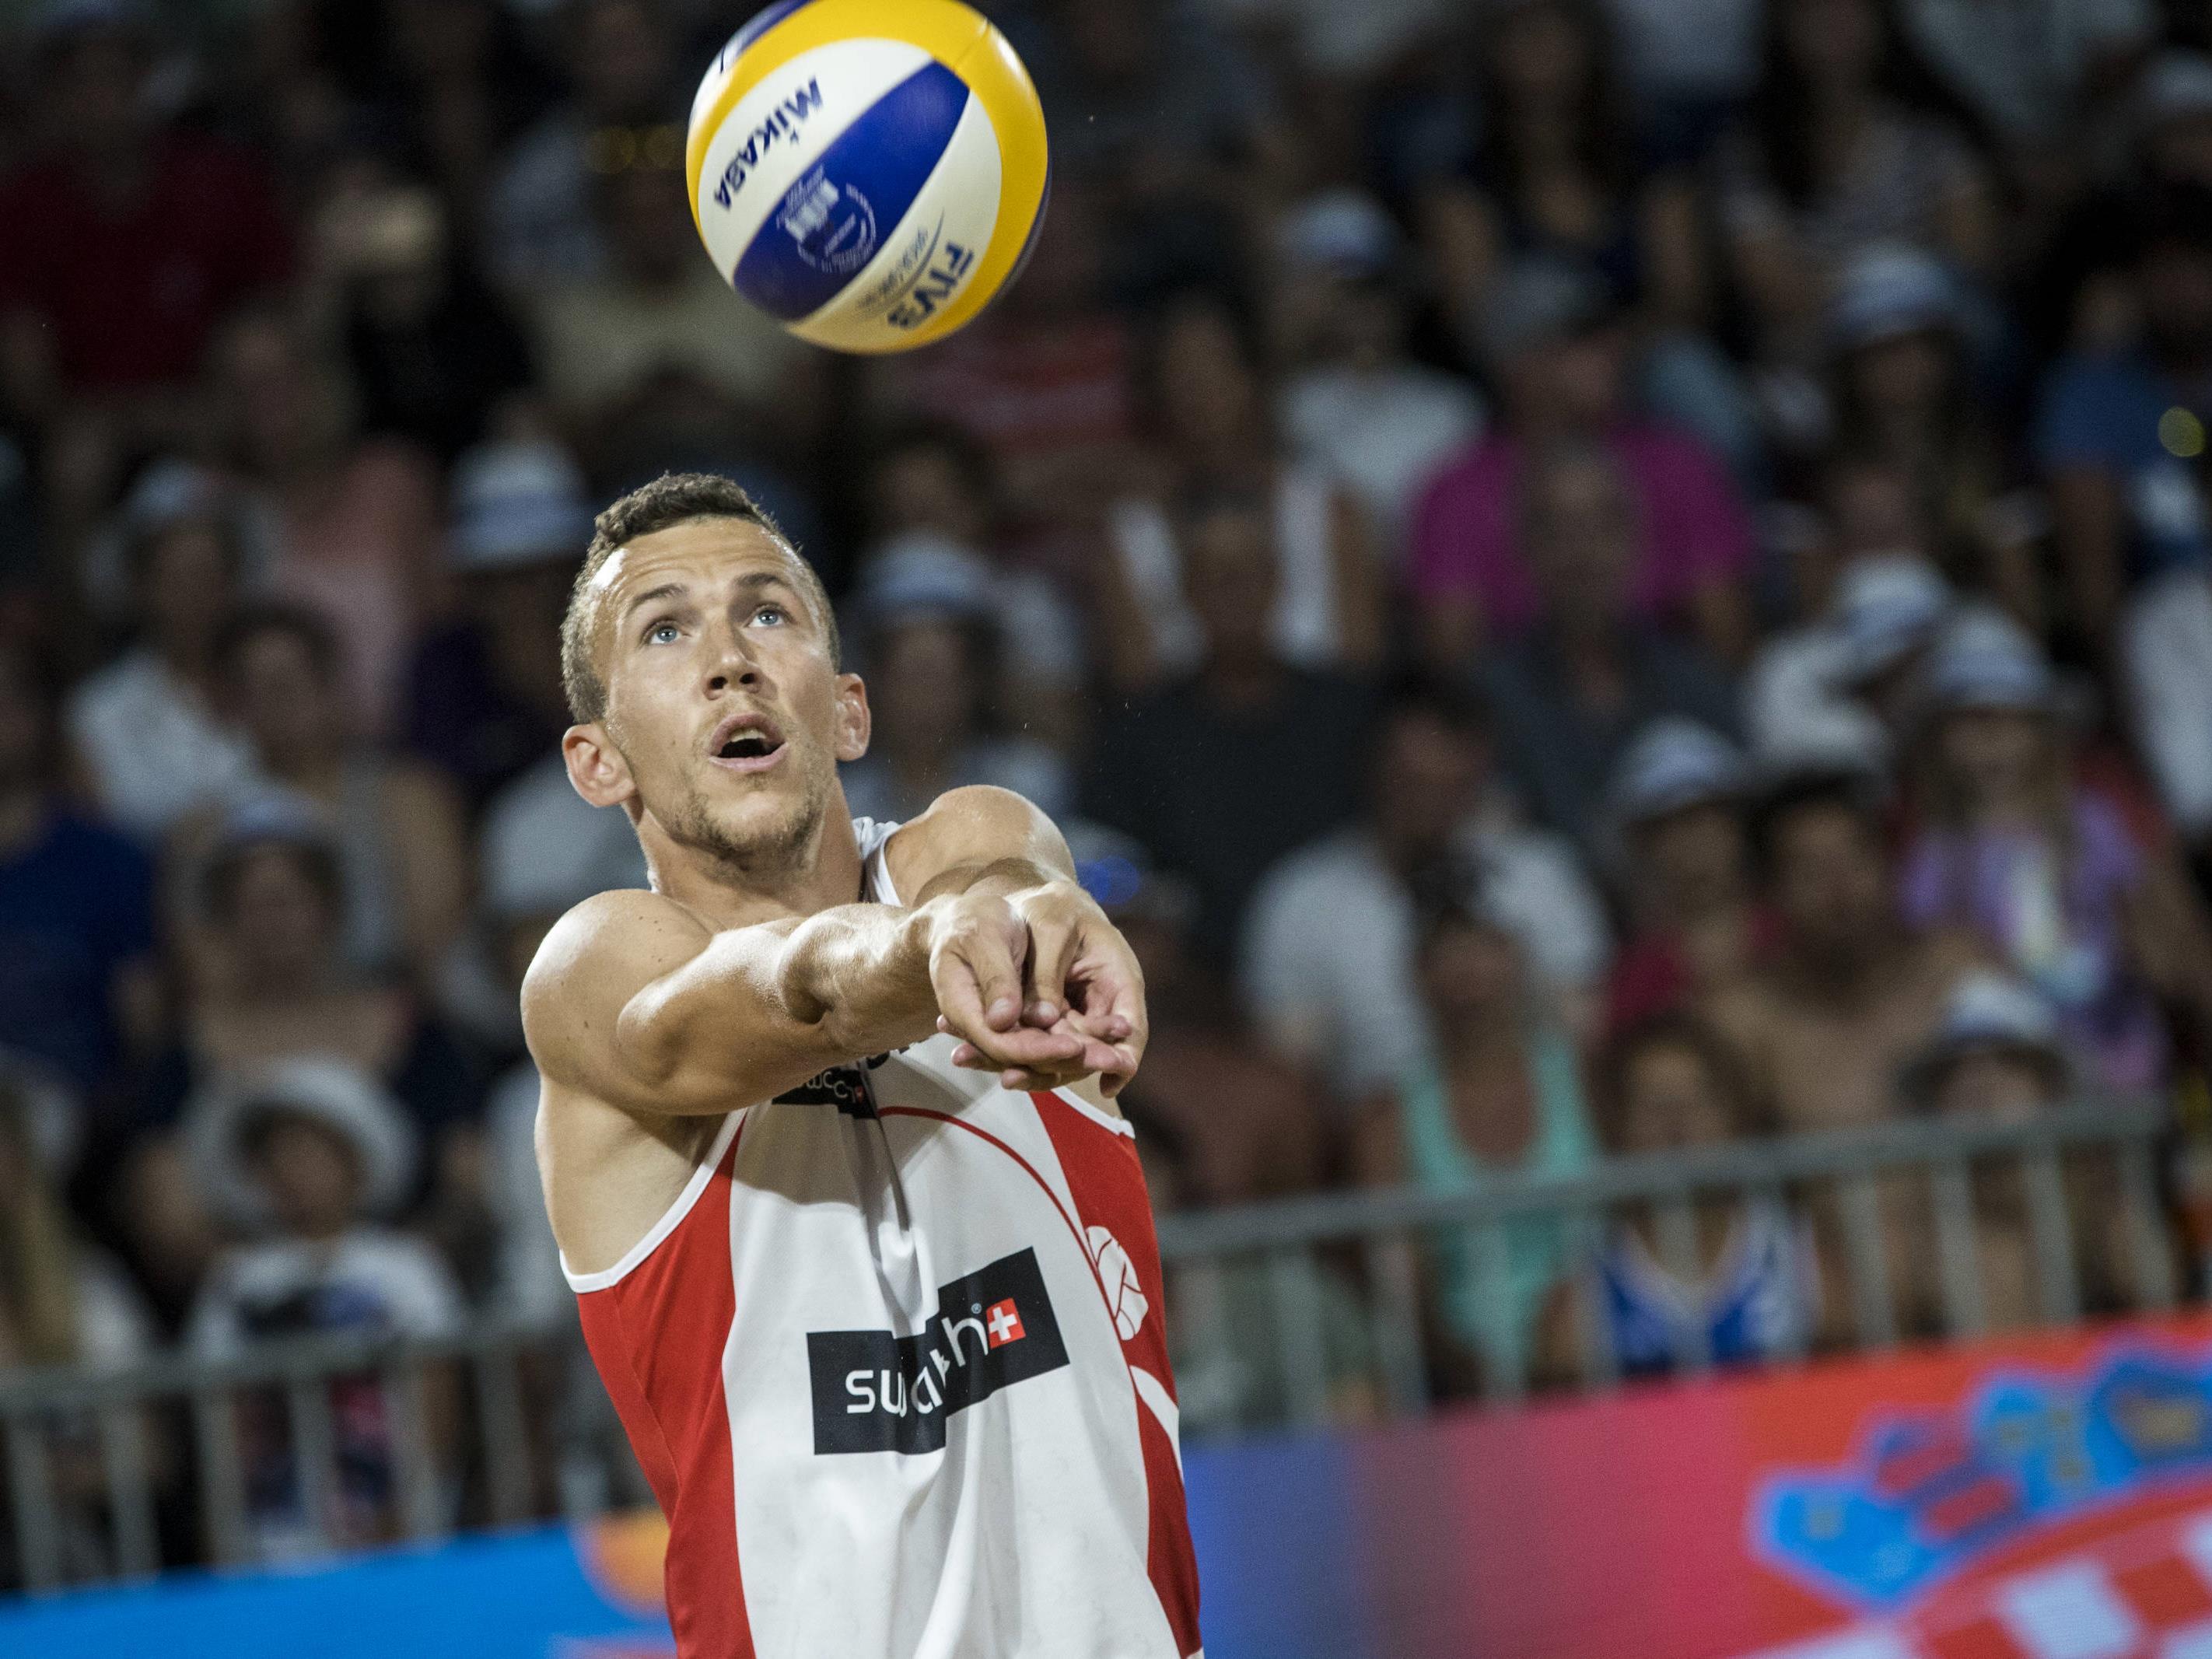 Ivan Perišić auf Abwegen: Der Fußballstar tauschte die Bälle und baggerte beim Beach-Volleyball-Major in Poreč.